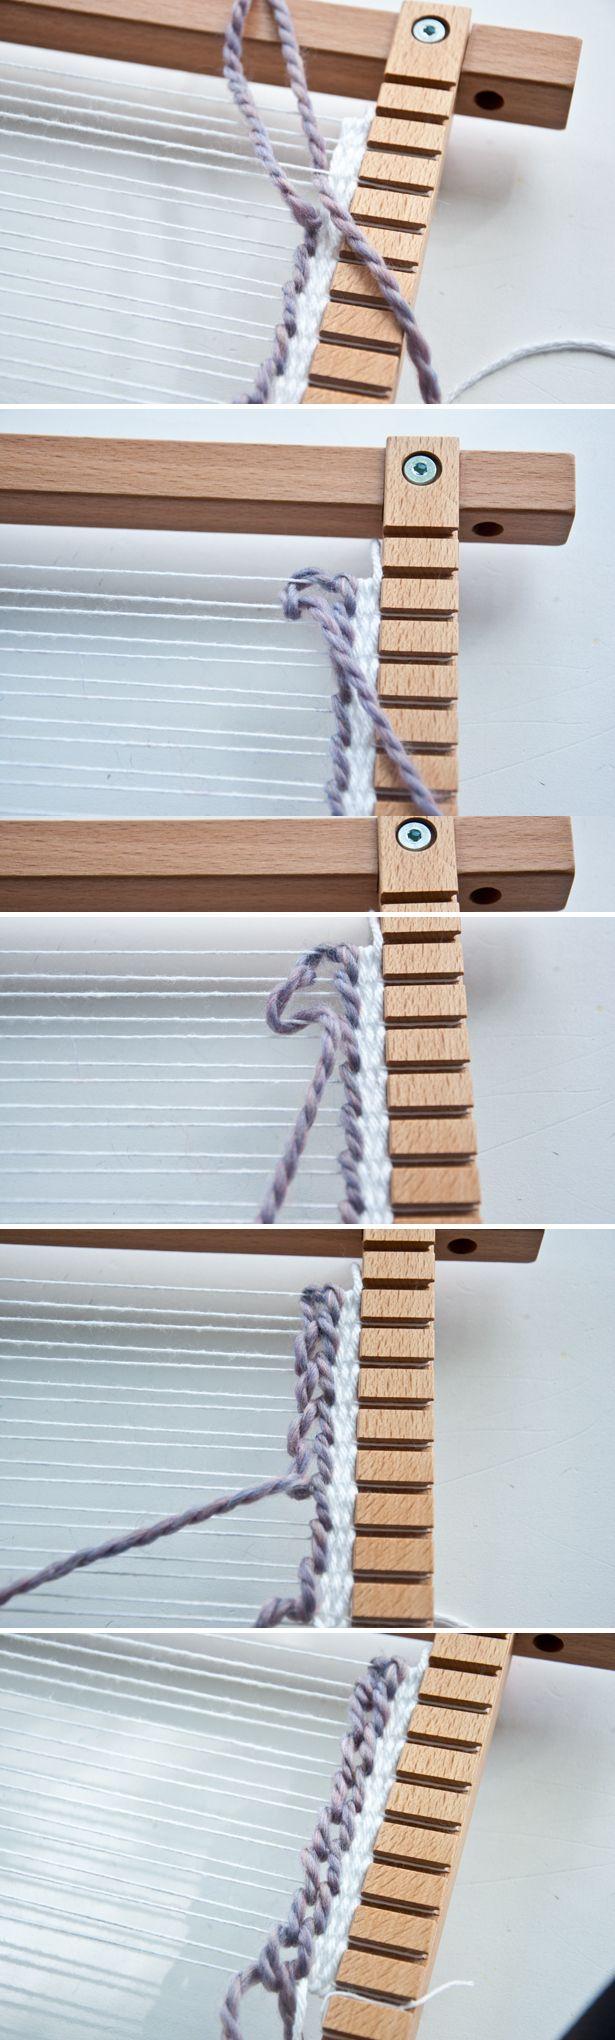 Soumak Chain Weave   The Weaving Loom